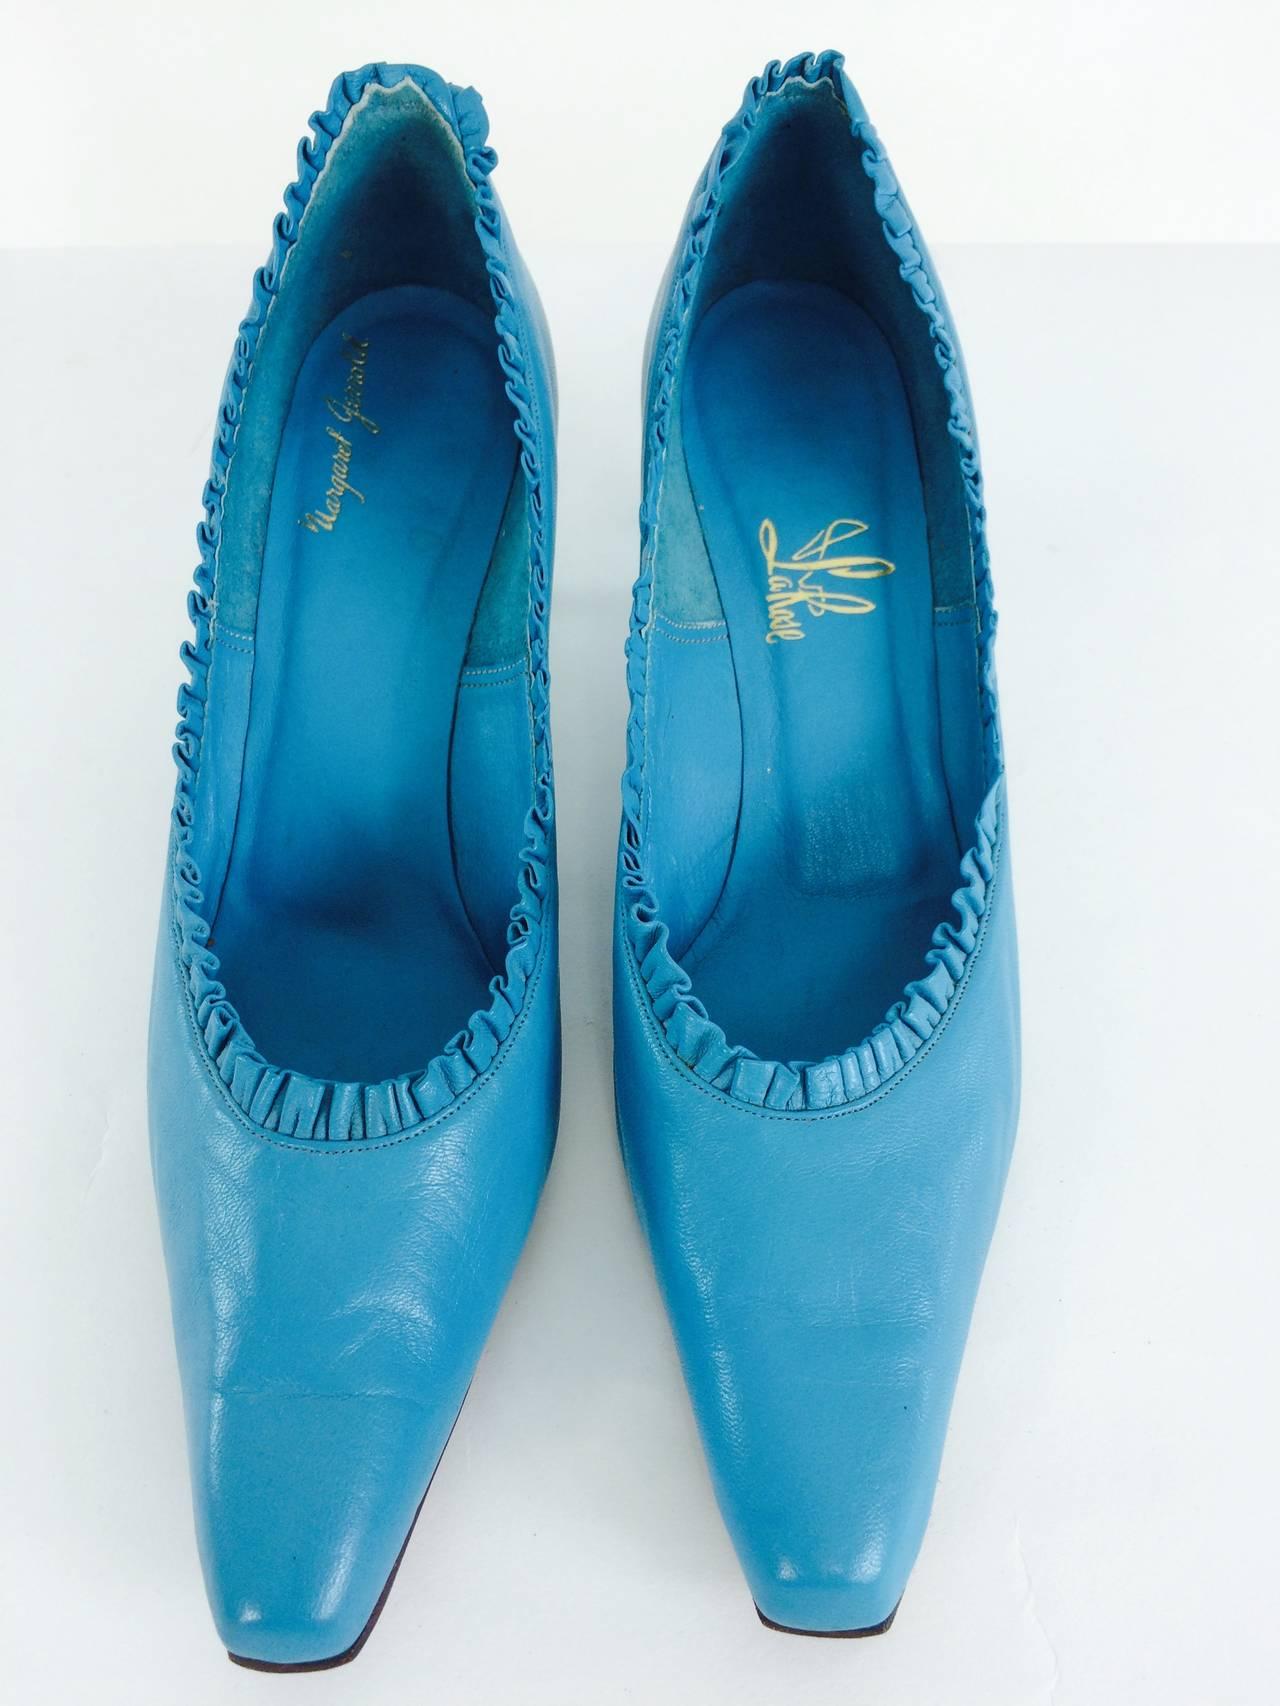 Margaret Jerrold turquoise Louis heel pumps  8 1/2 N unworn 1960s 2